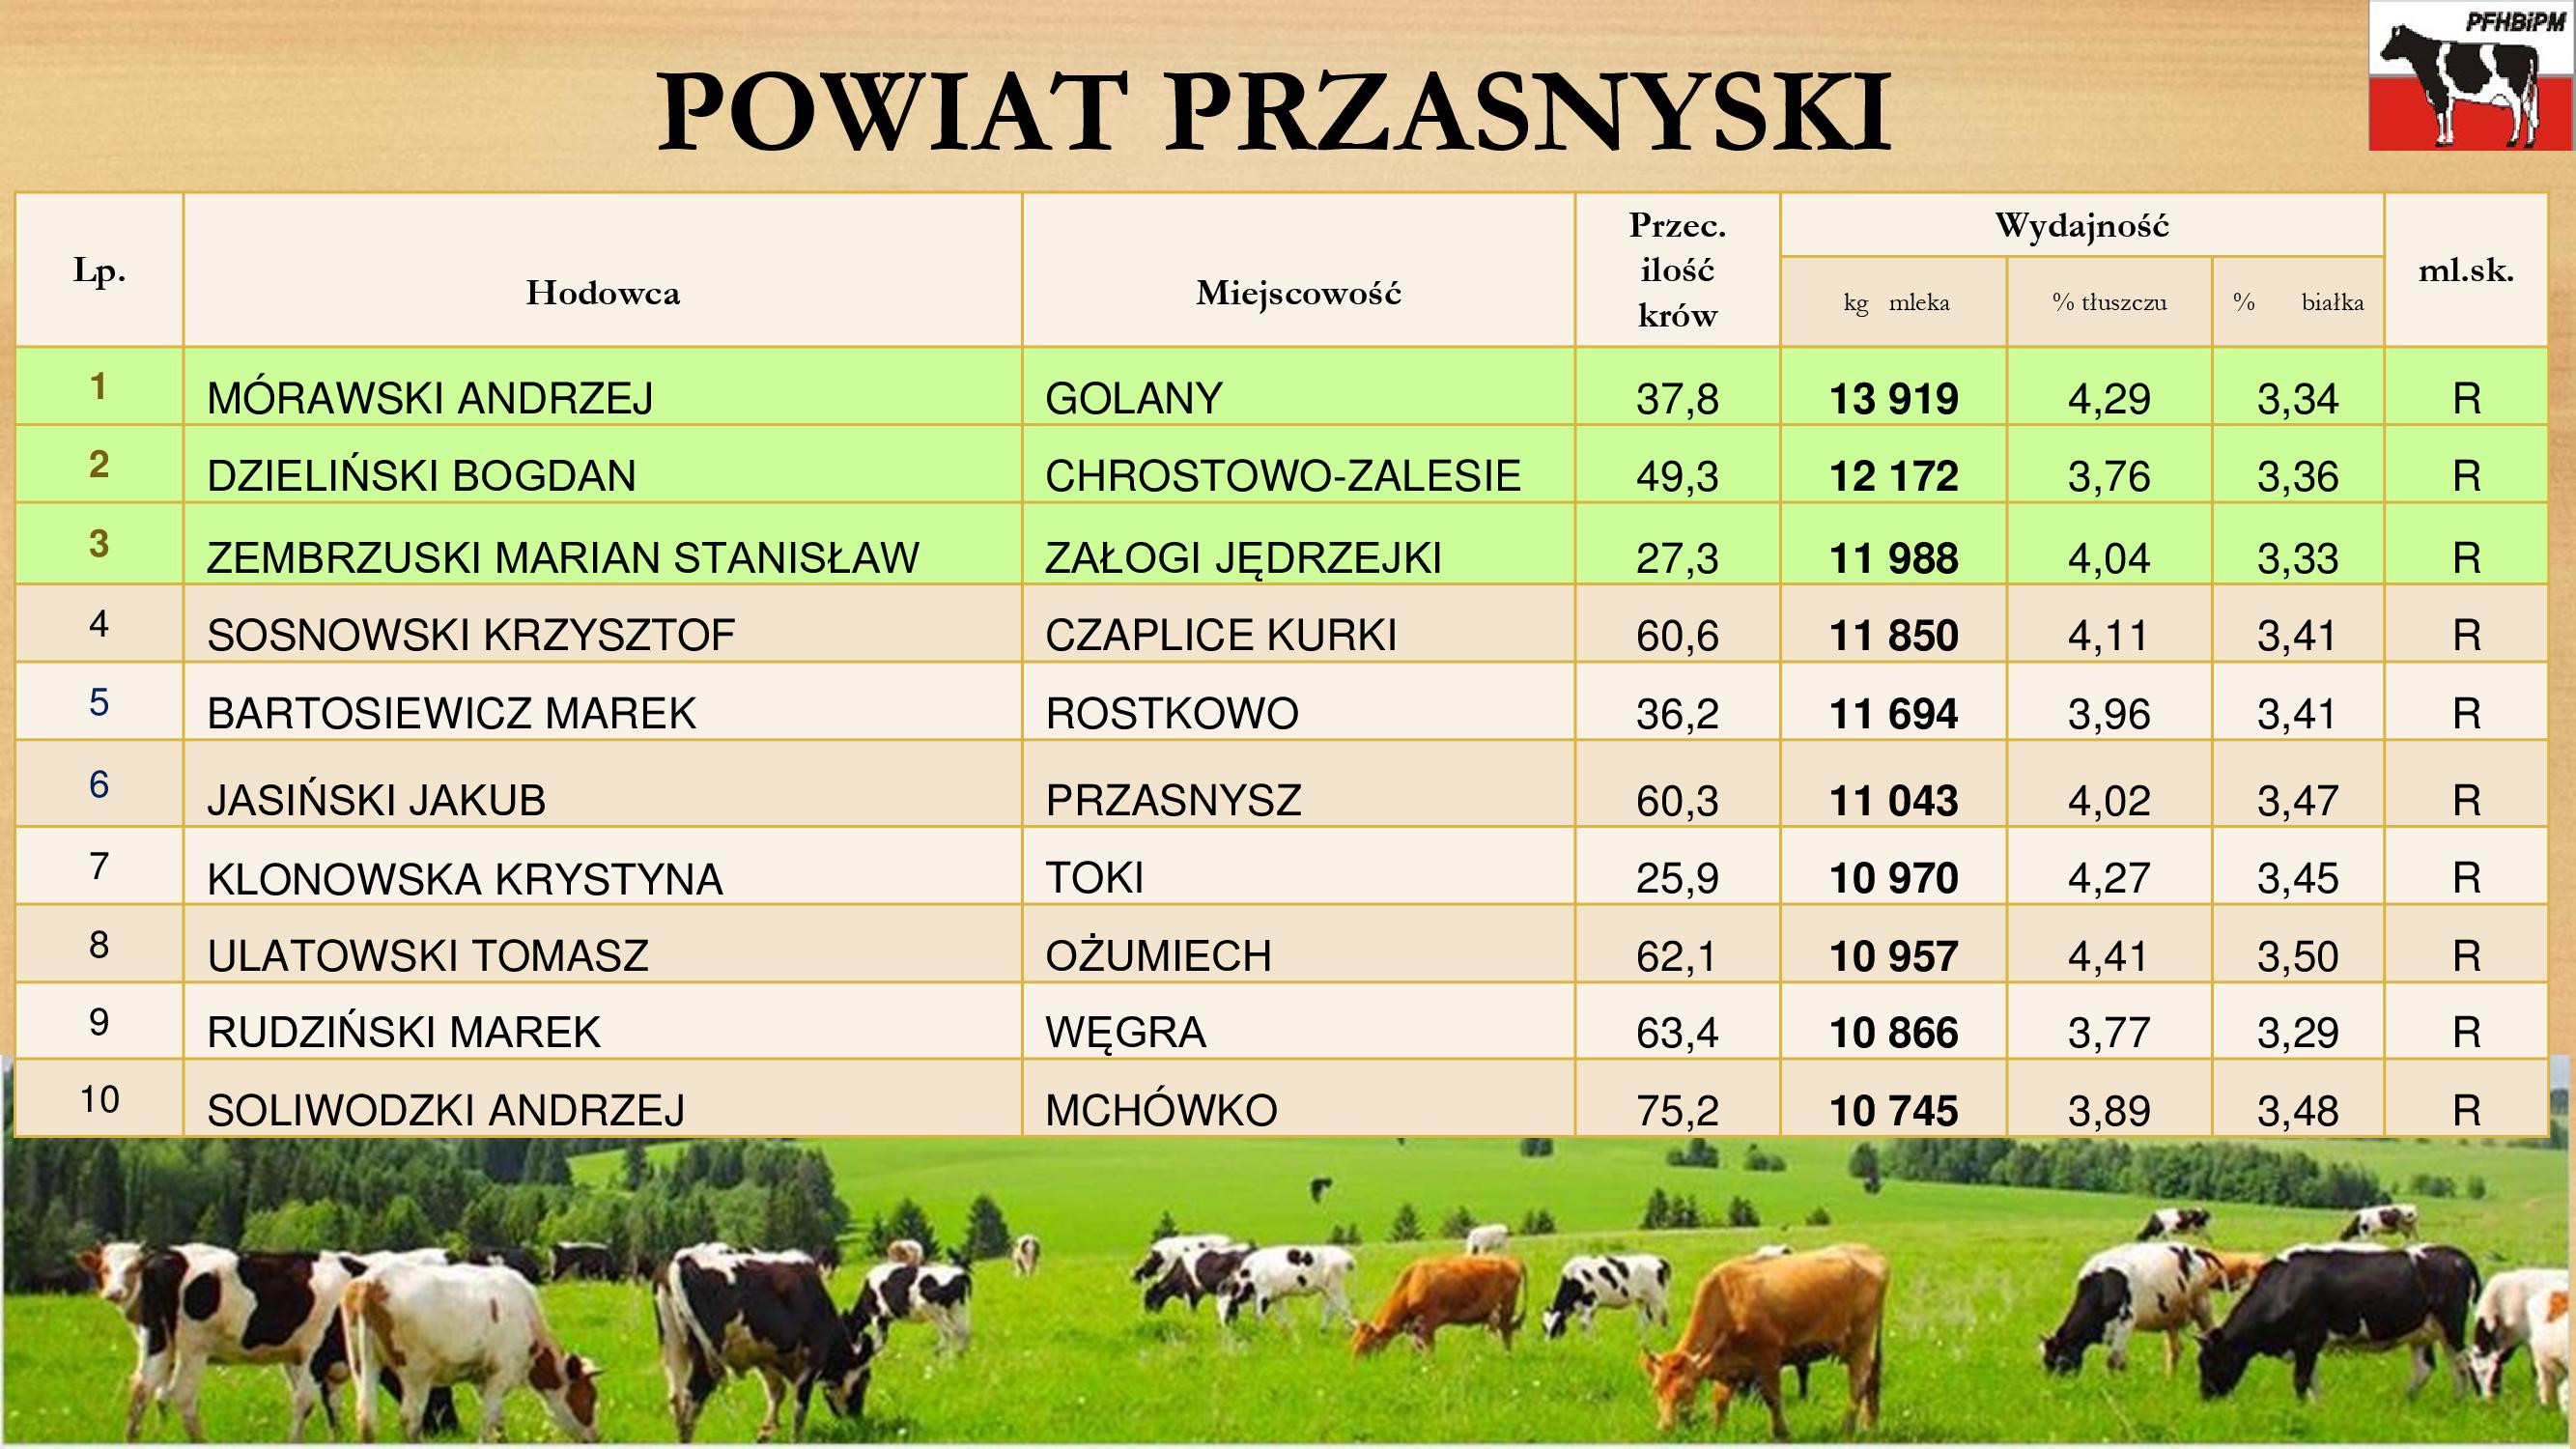 Powiat Przasnyski